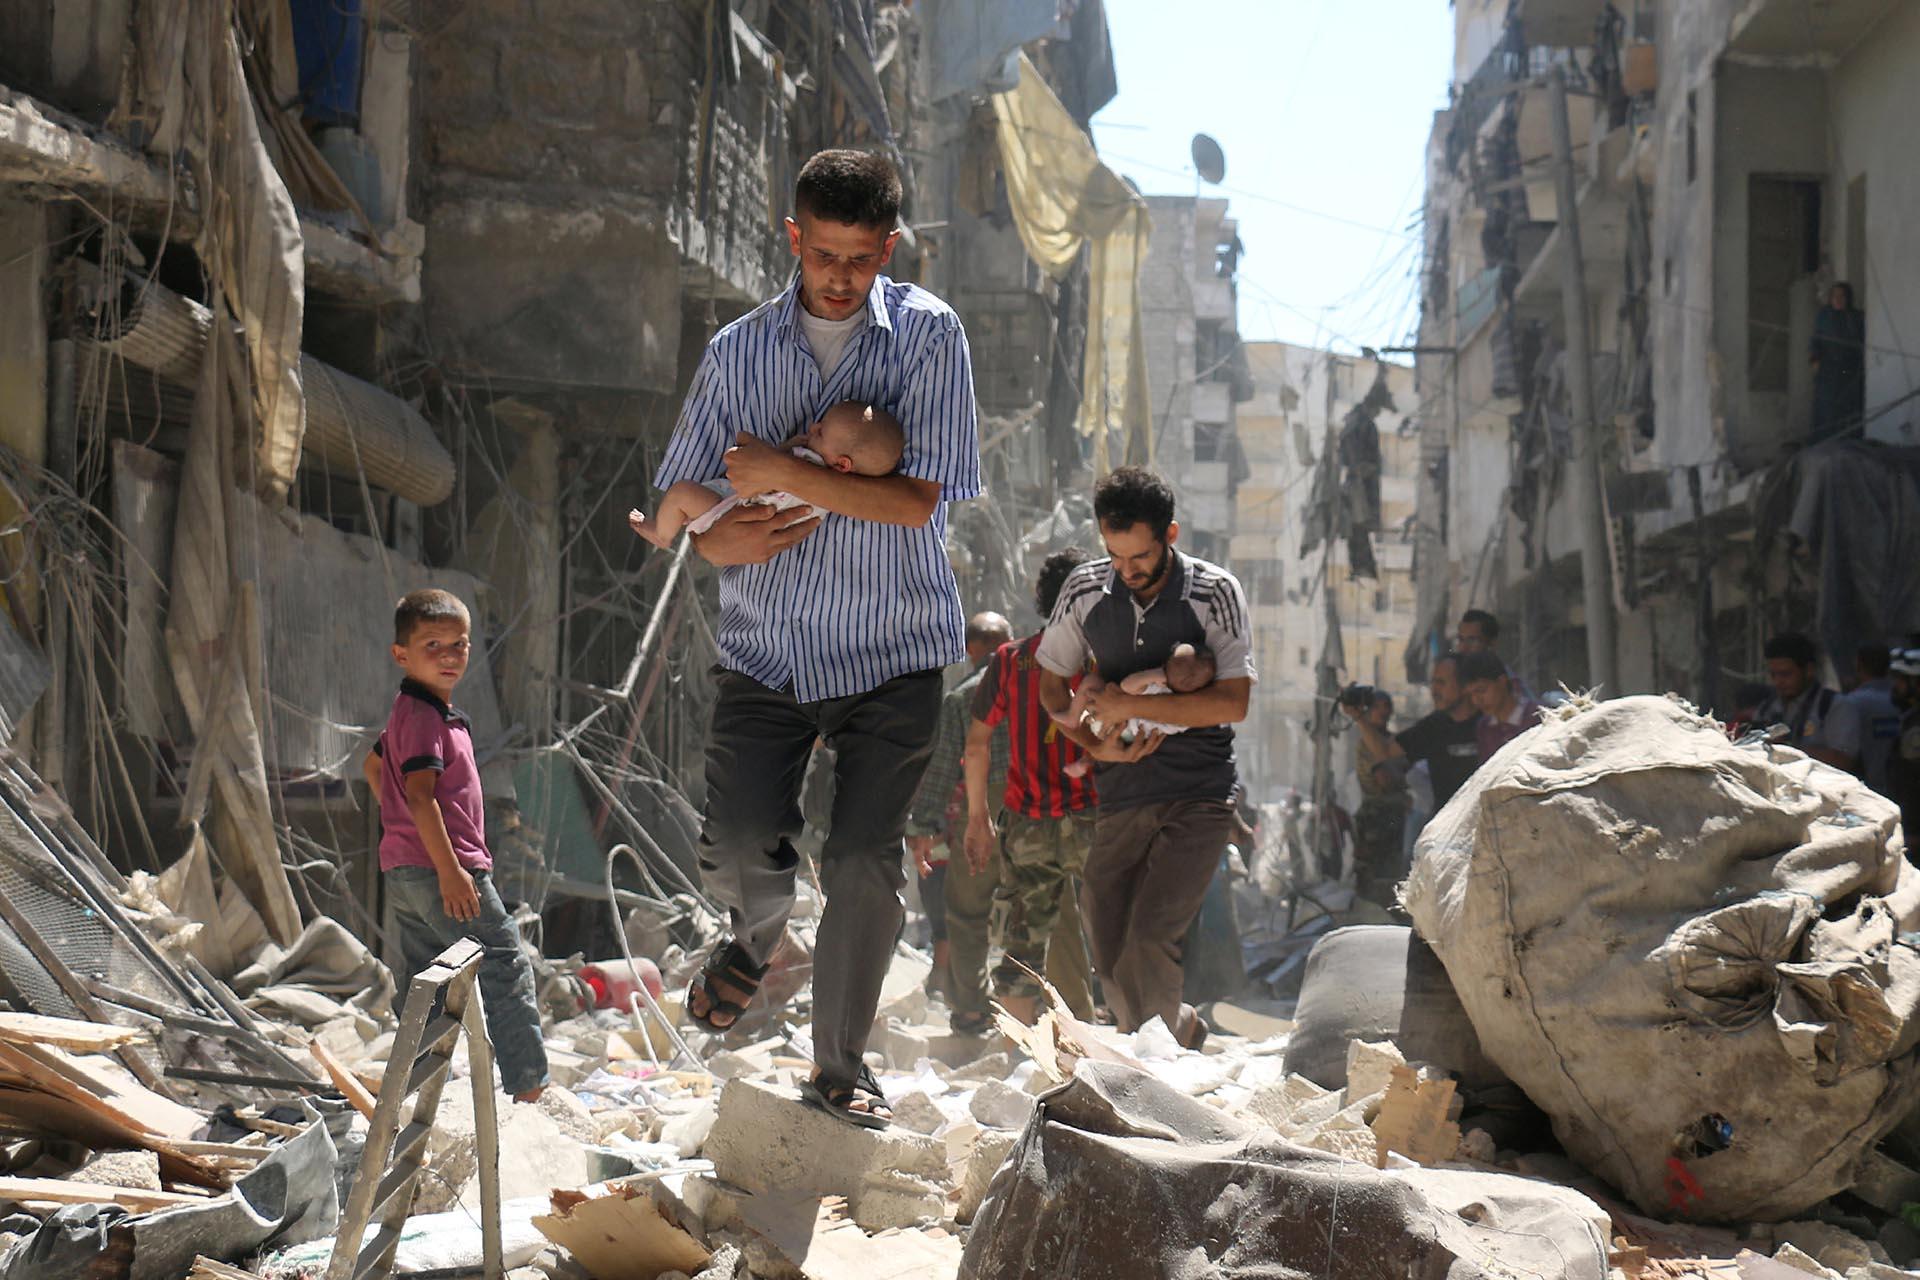 Spot News, segundo premio. Hombres sirios cargan bebés mientras se abren paso entre los escombros de edificios destruidos tras un bombardeo en Alepo, el 11 de septiembre de 2016. Ameer Alhalbi, Agence France-Presse